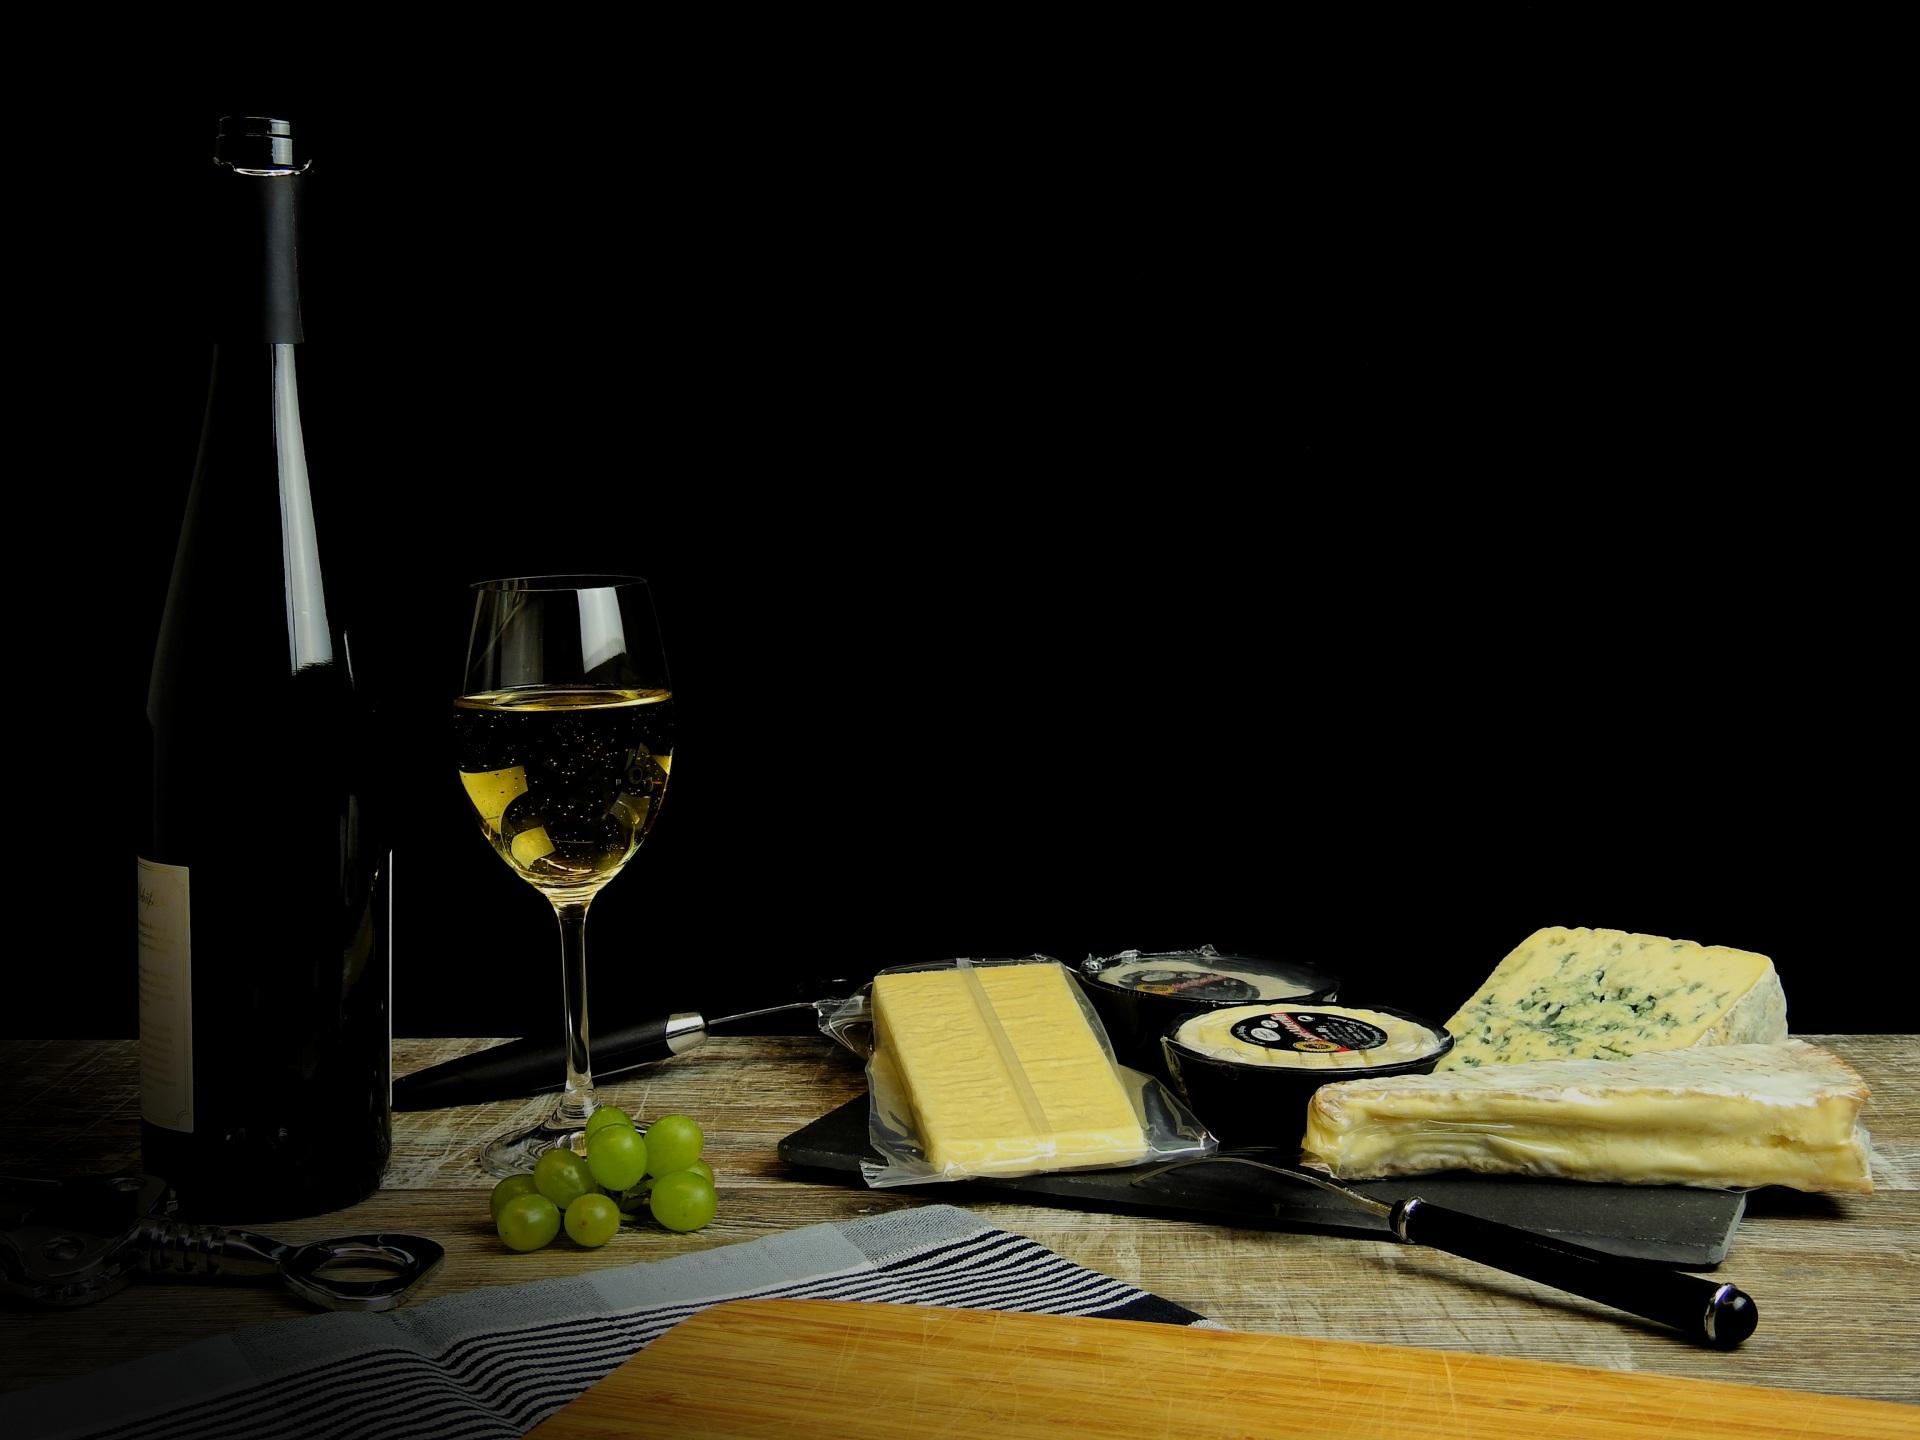 Фото Вино Сыры Виноград Бокалы бутылки Продукты питания на черном фоне 1920x1440 Еда Пища бокал Бутылка Черный фон